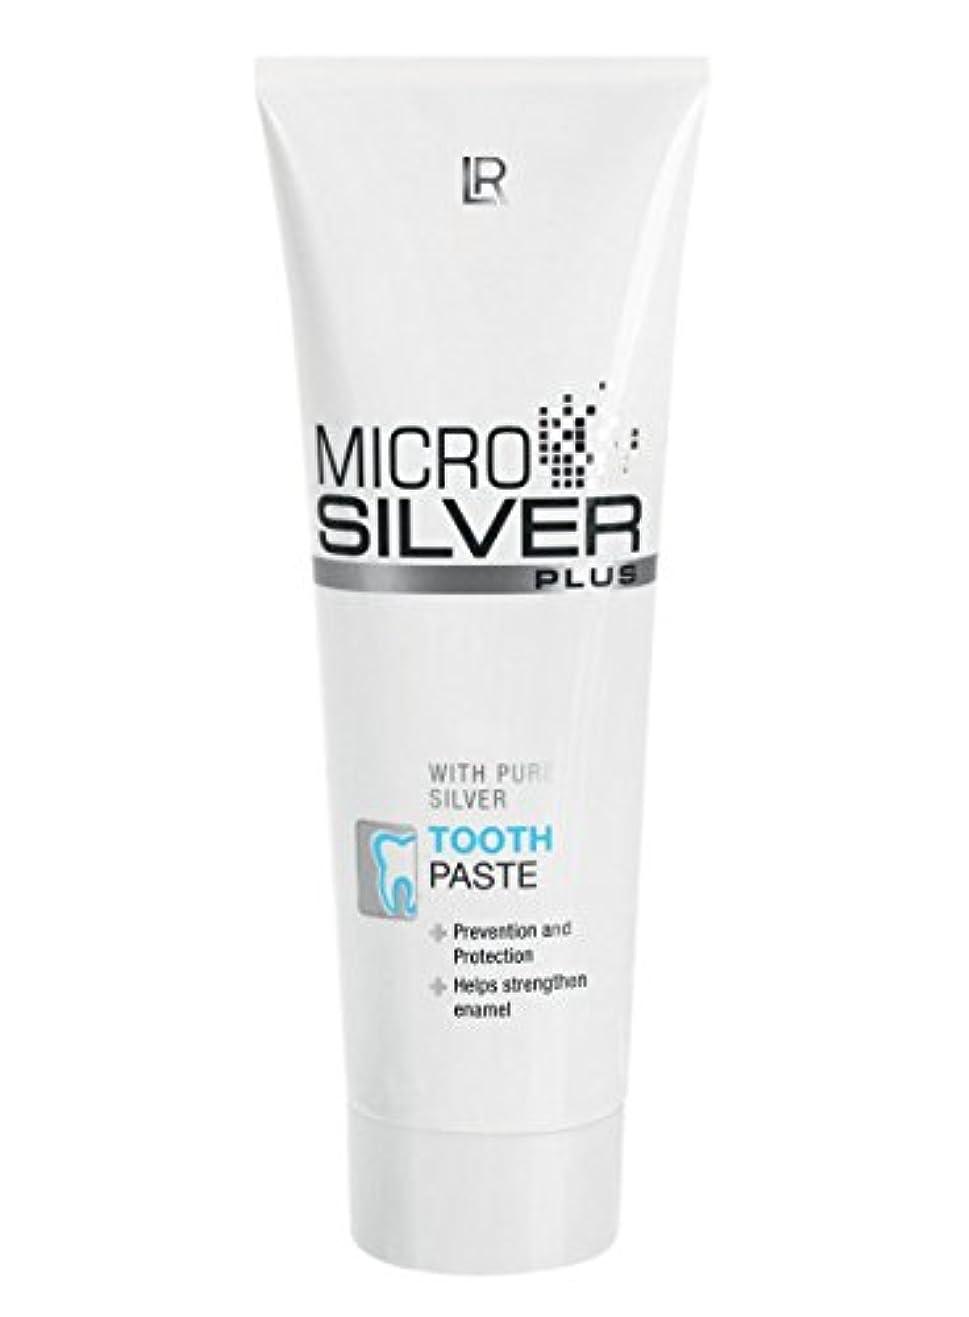 身元苗スキャンダラスL R ピュアシルバー75ミリリットルとマイクロシルバープラス歯磨きはきれいにし、歯茎と歯の世話します